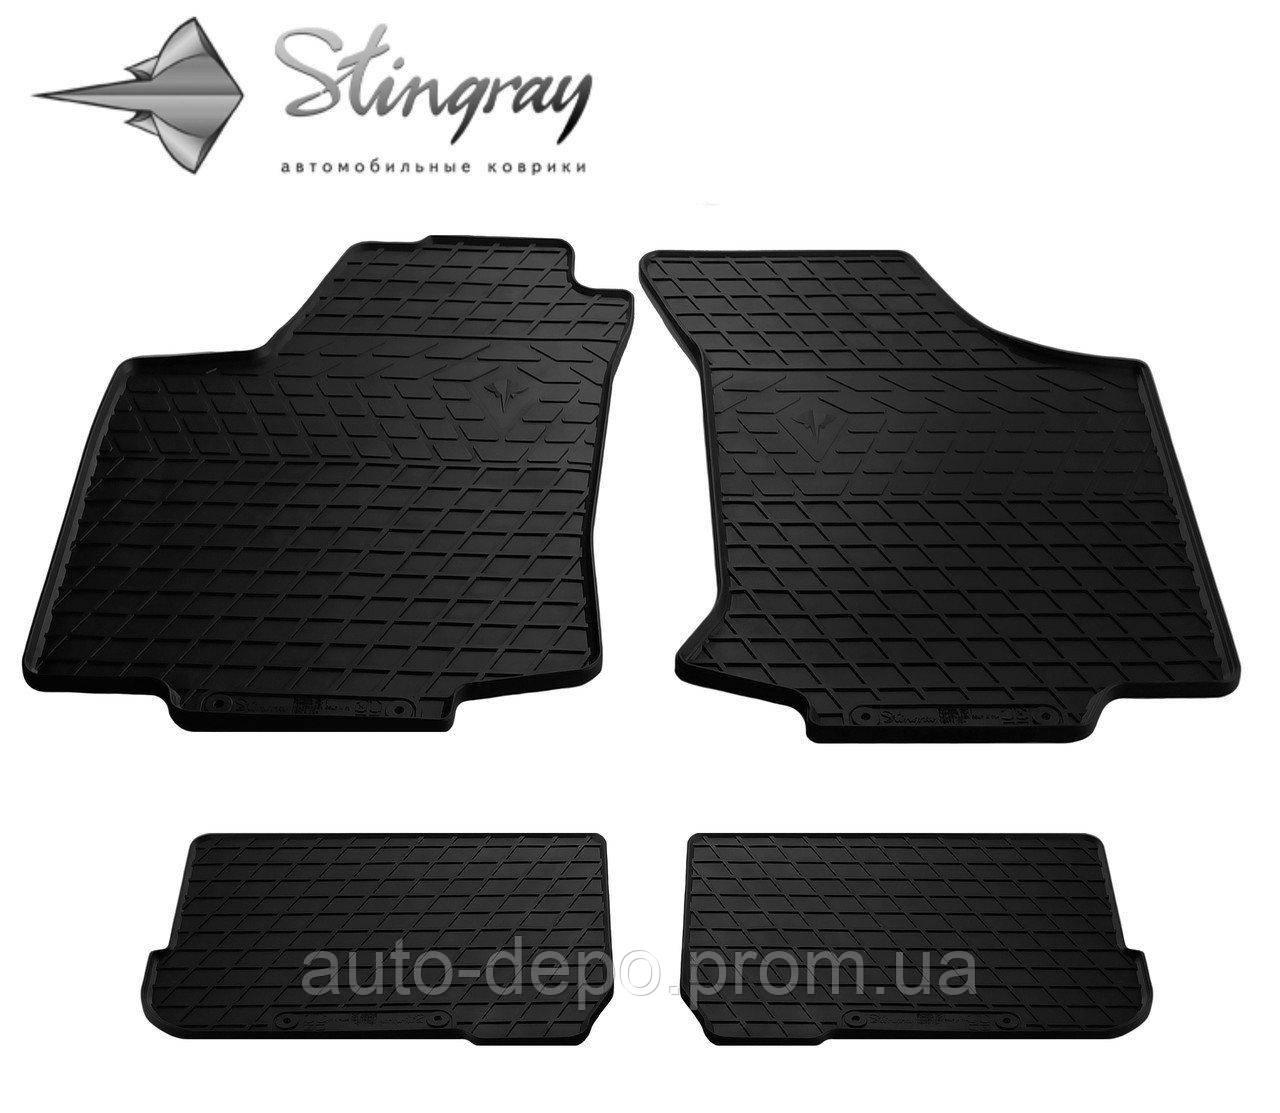 Коврики автомобильные для Volkswagen Vento 1992- Stingray